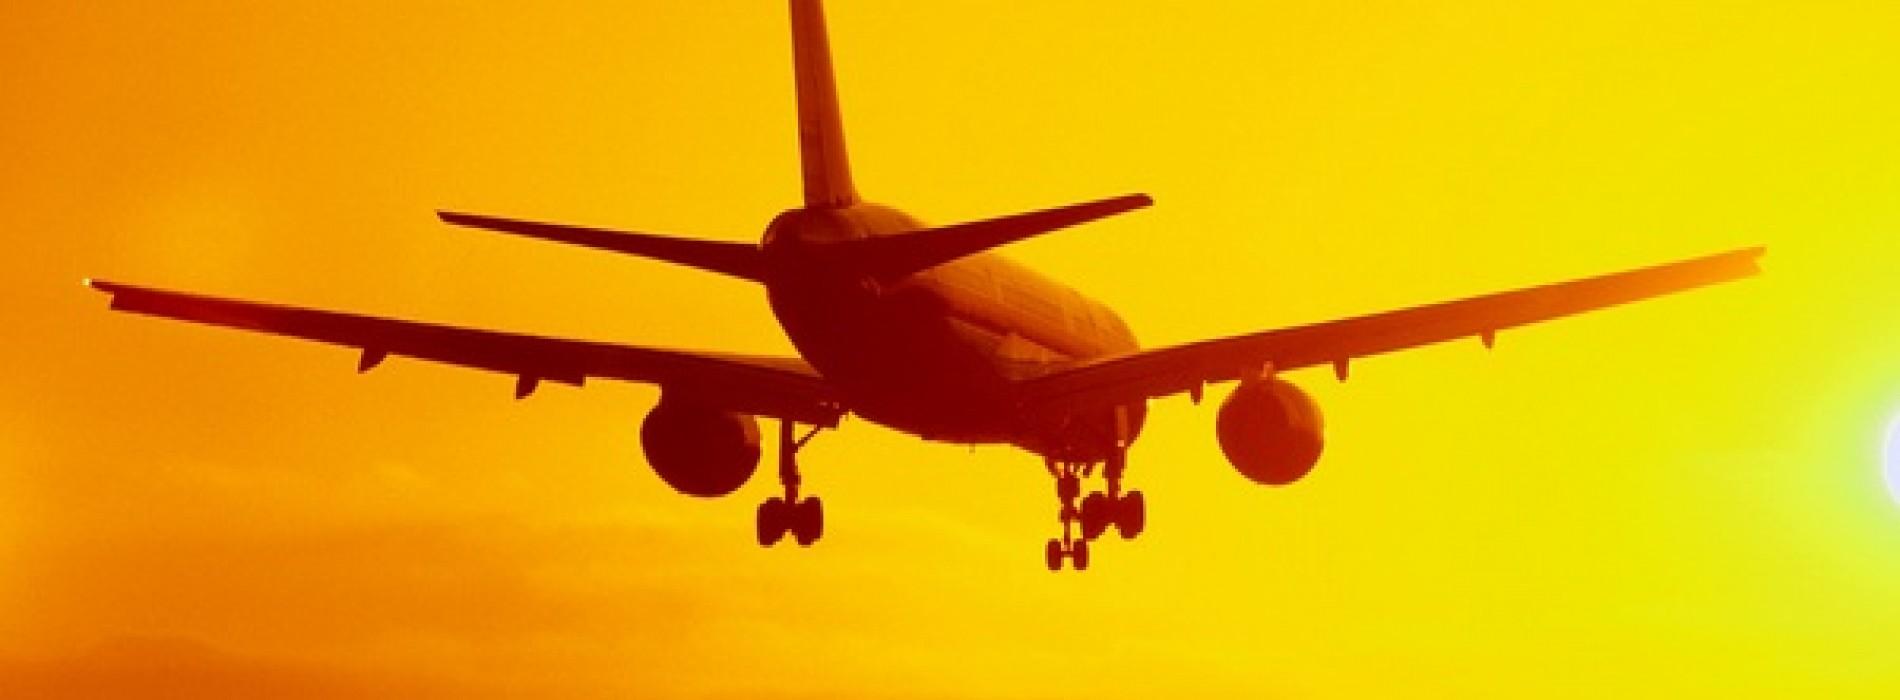 Jedną z najdynamiczniej rozwijających się gałęzi polskiej gospodarki będzie lotnictwo